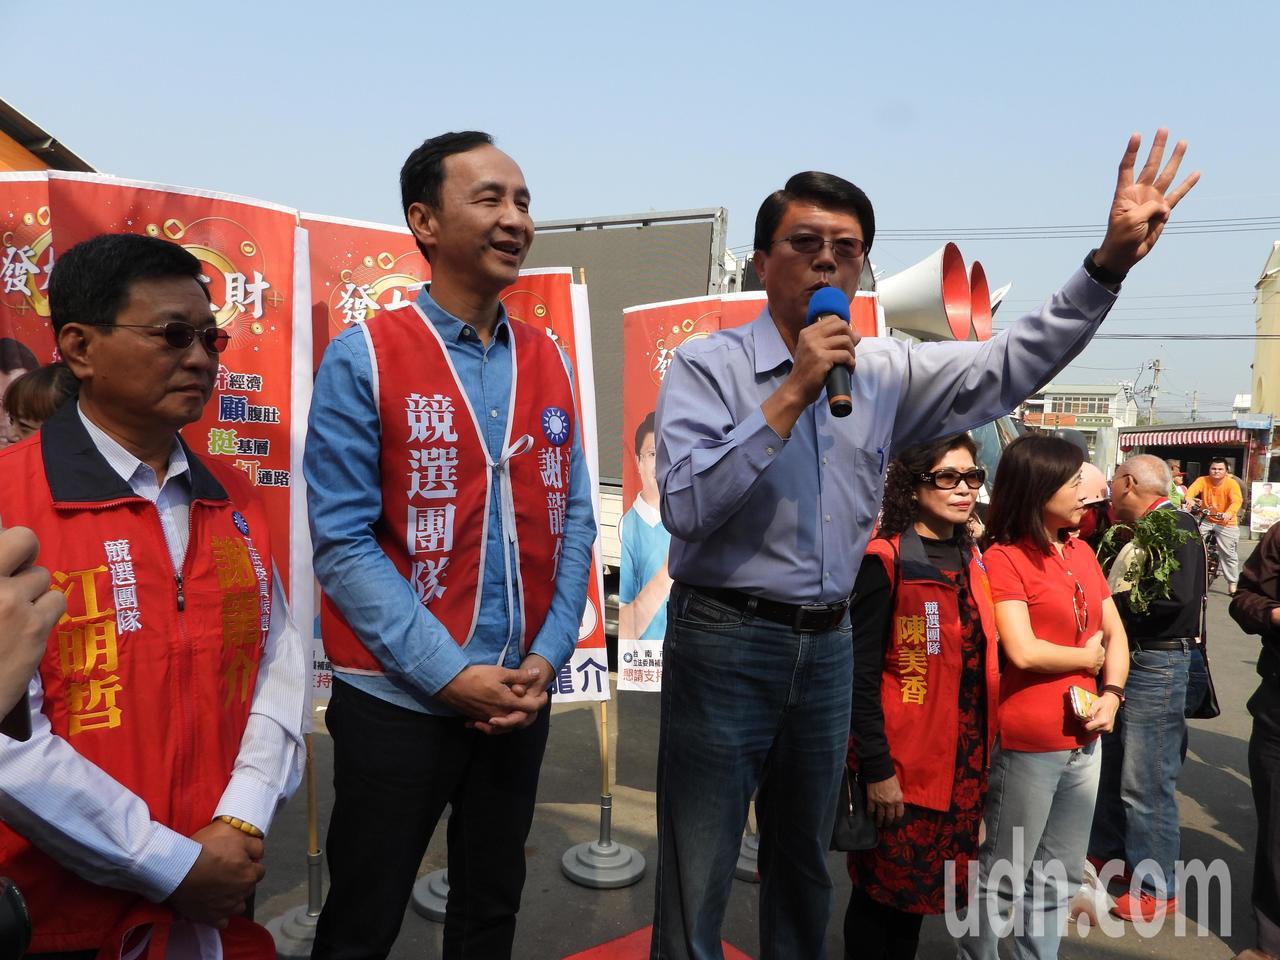 謝龍介在玉井青果市長宣布爭取到50萬顆魚丸訂單,民黨進黨指「一日三市」 是政治訂...